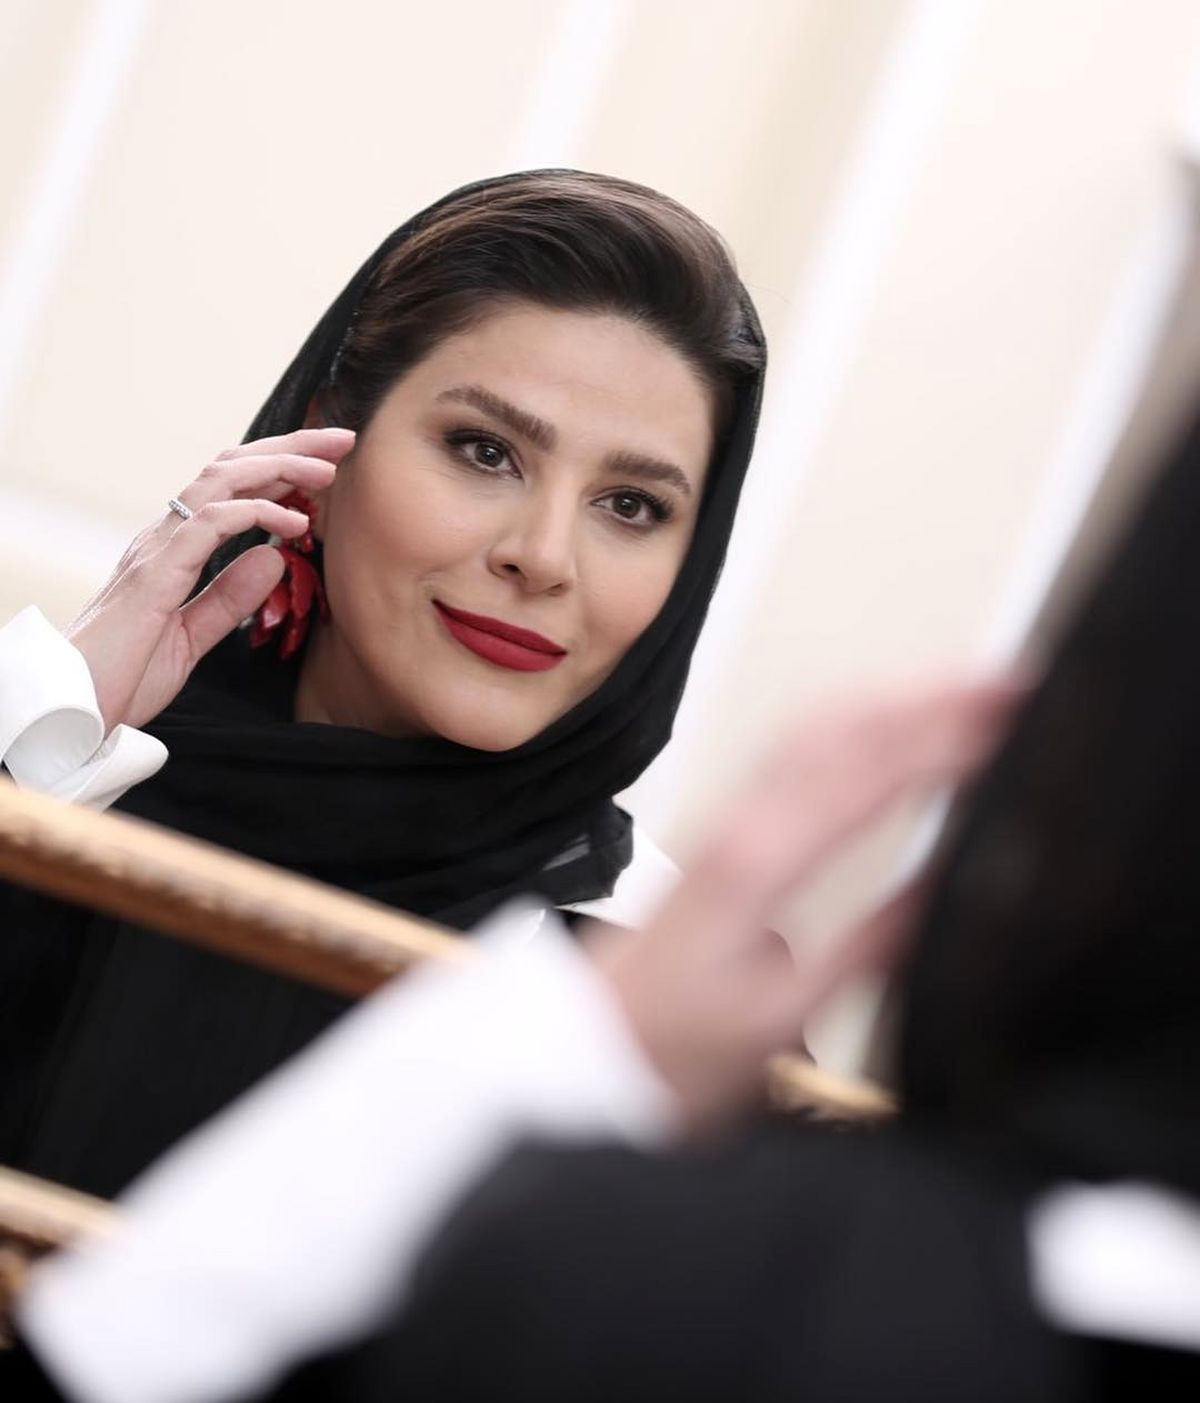 سحر دولتشاهی حامله شد | فیلم لورفته از بارداری سحر دولتشاهی